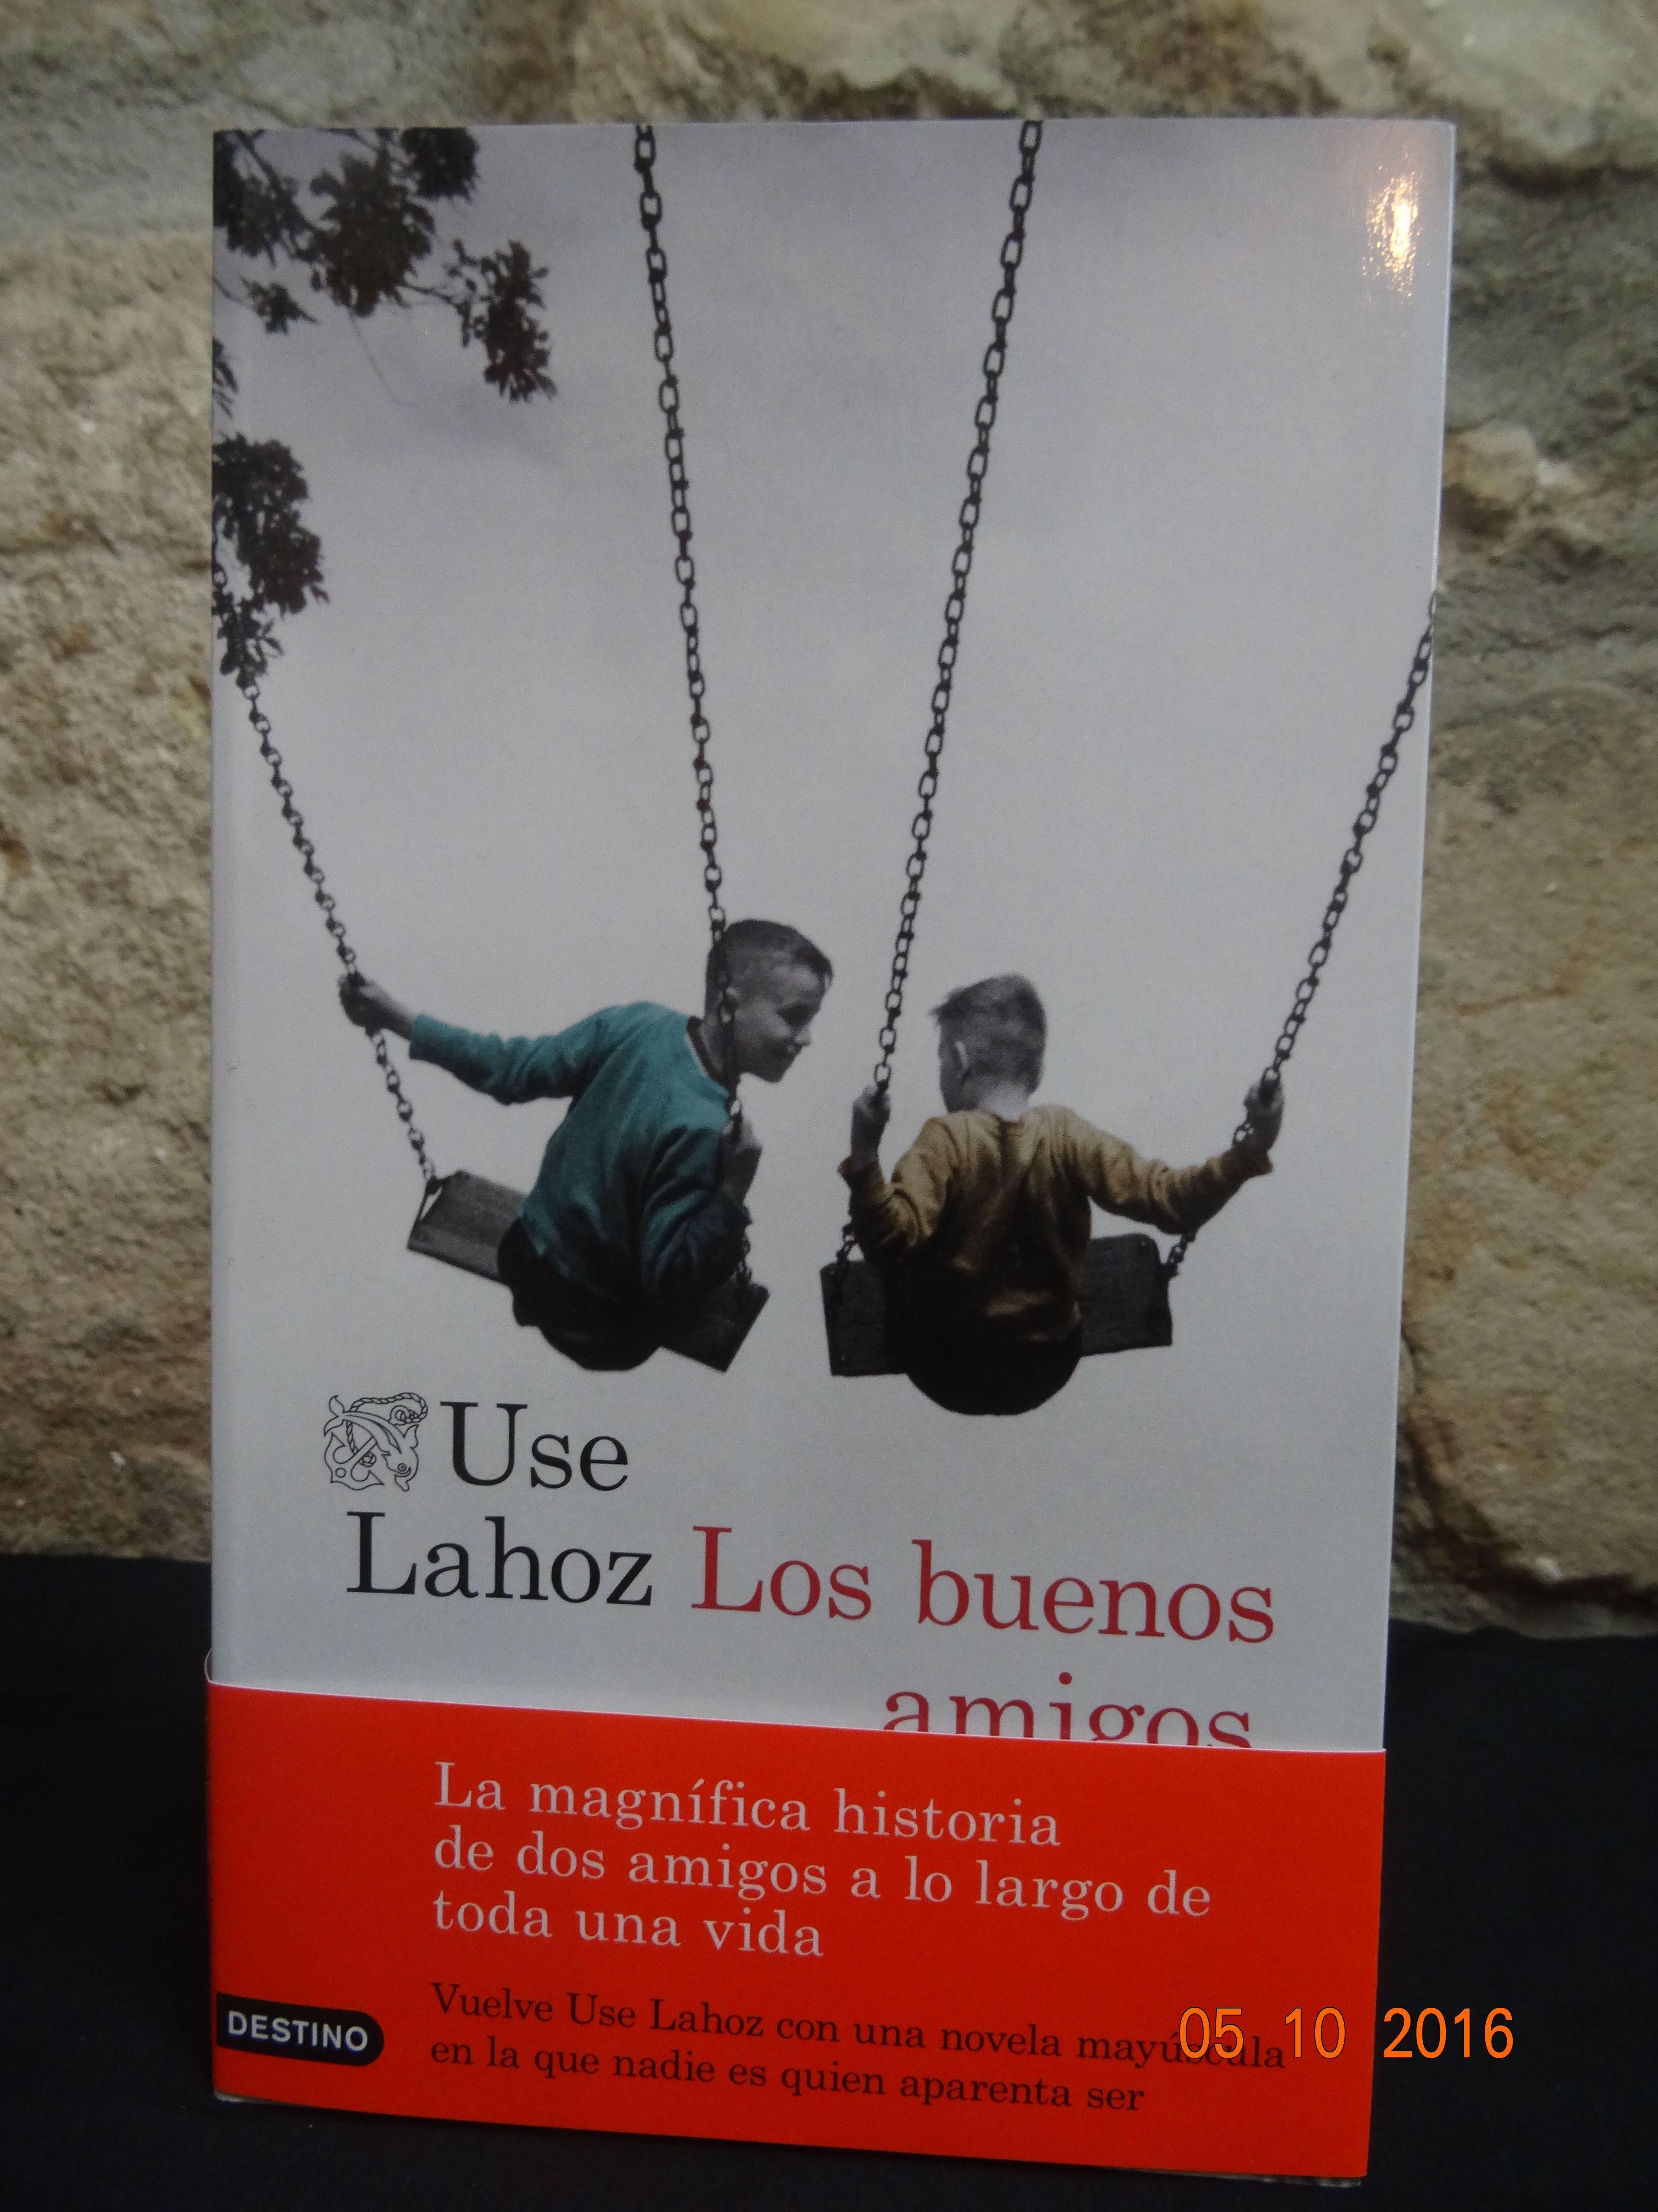 Los buenos amigos: SECCIONES de Librería Nueva Plaza Universitaria